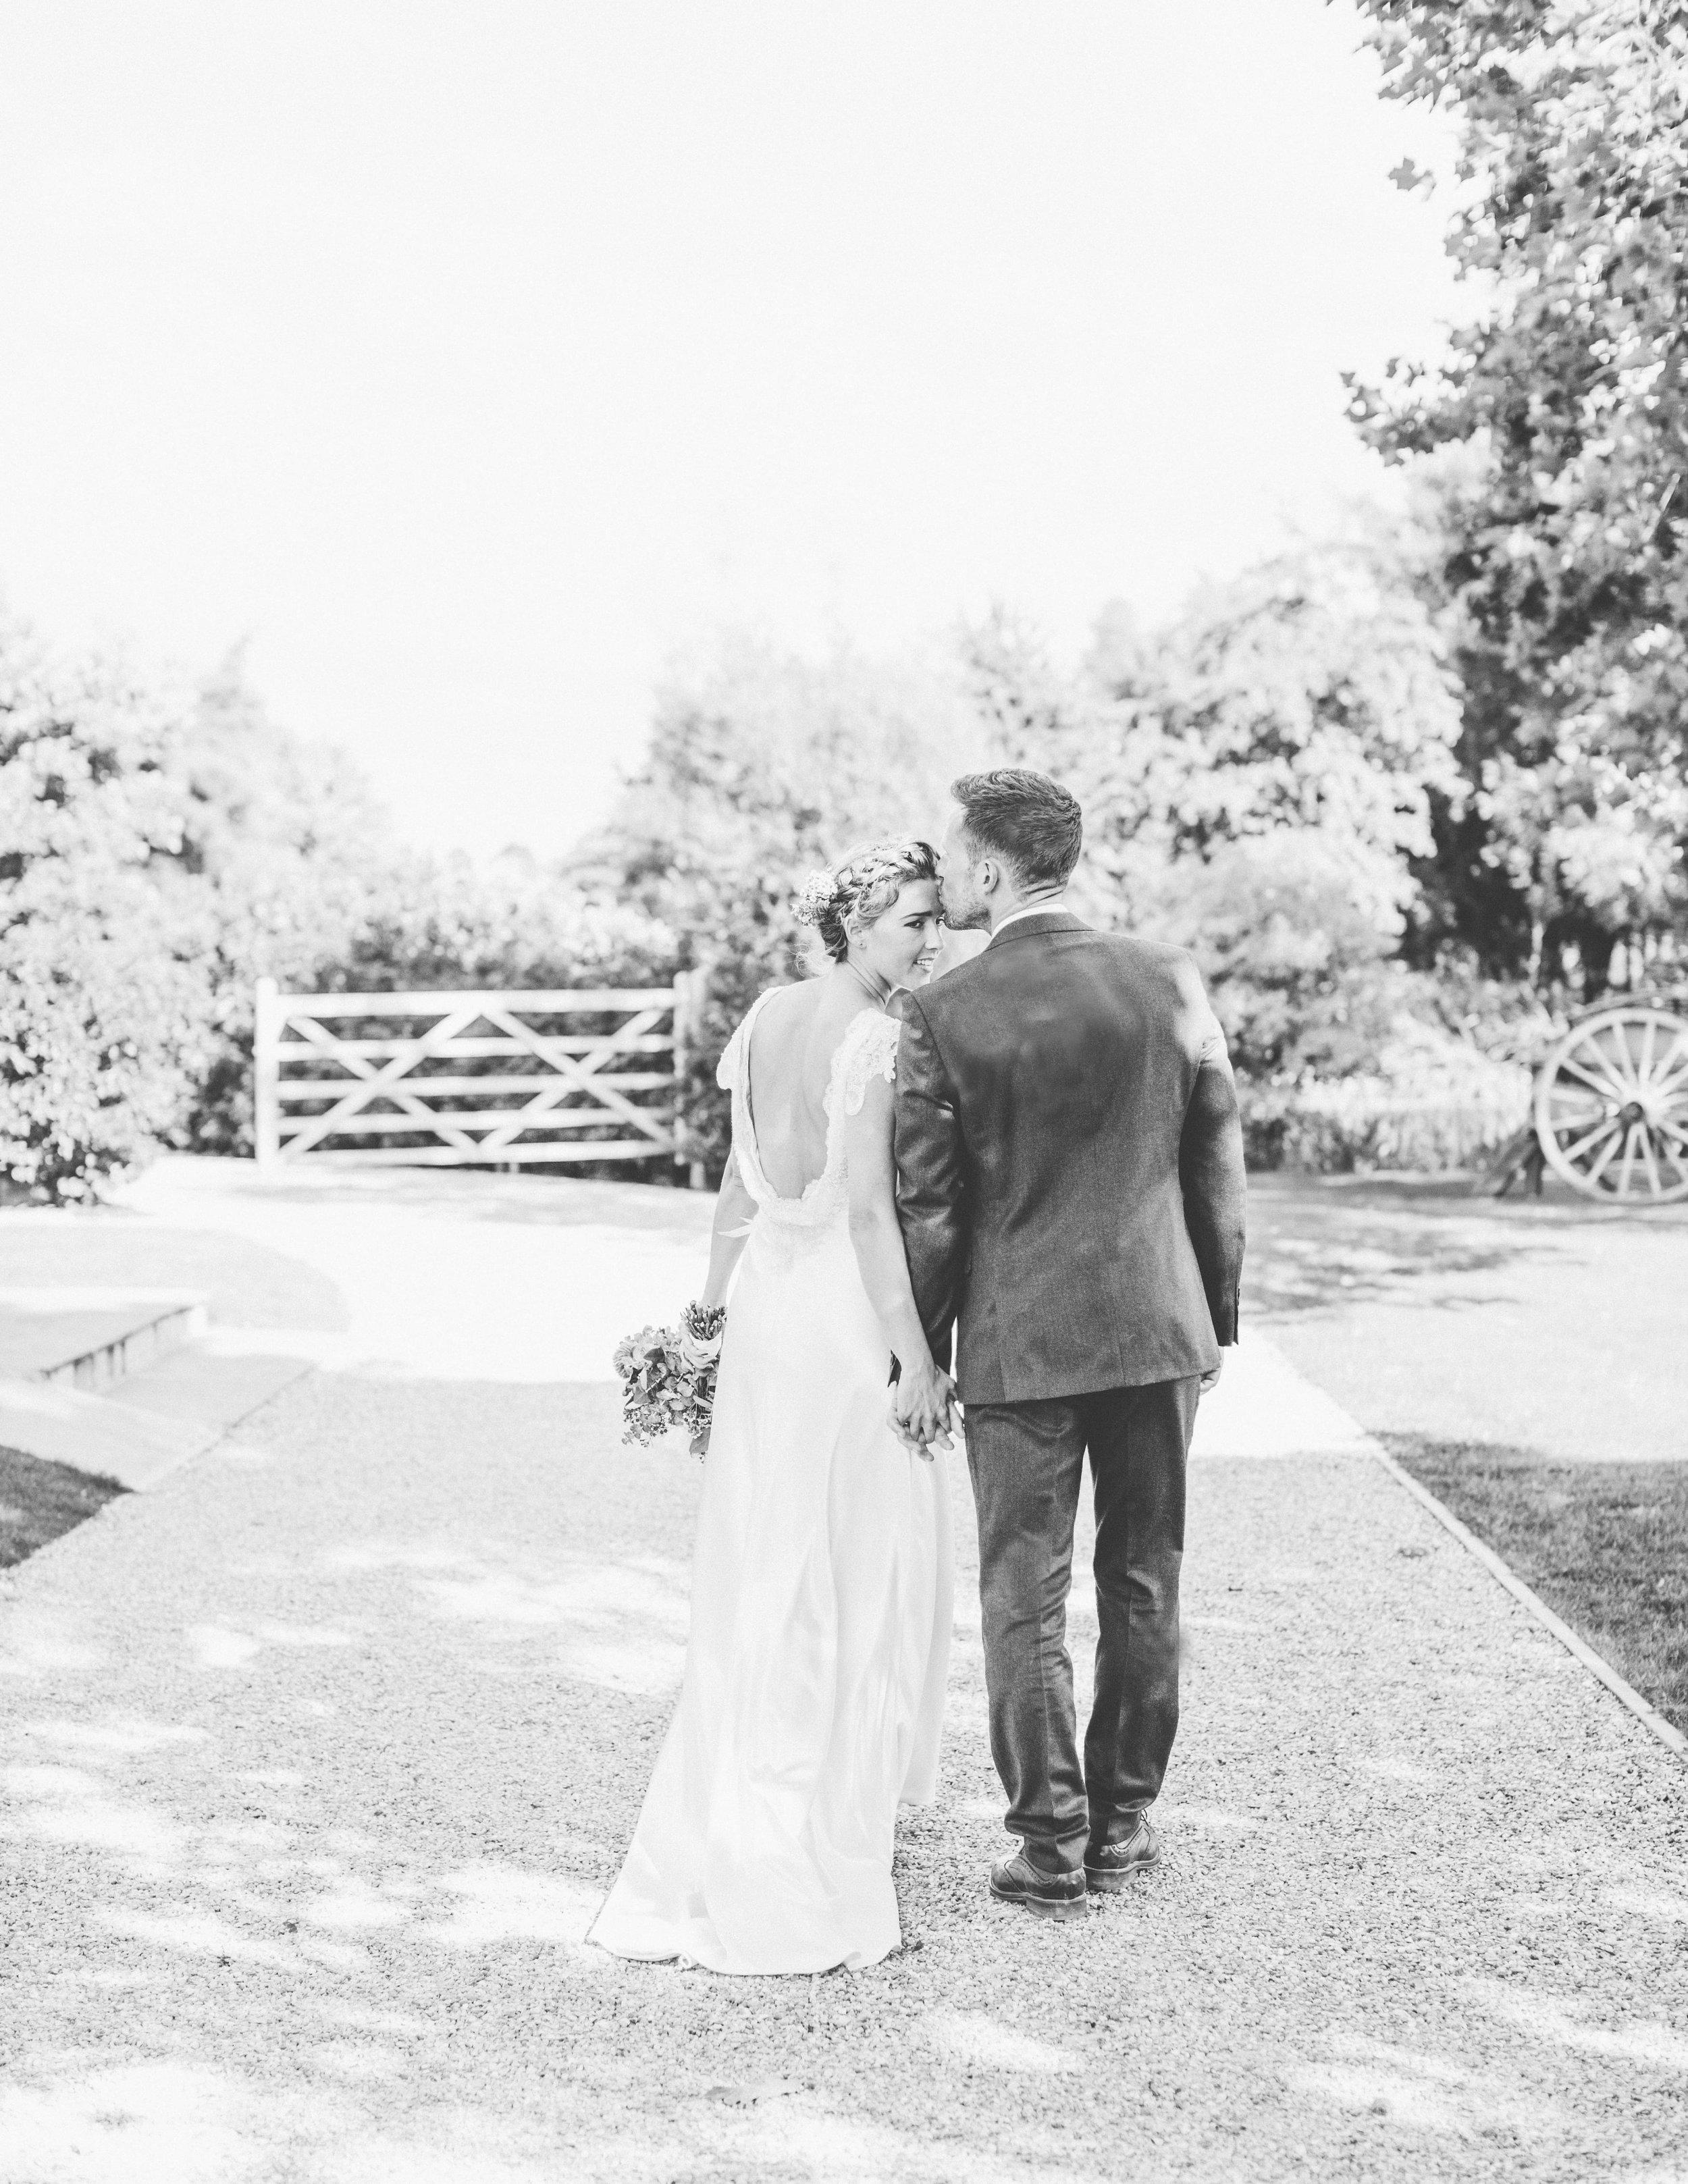 creception-Waghorn-wedding-summerlilystudio-154-min.jpg